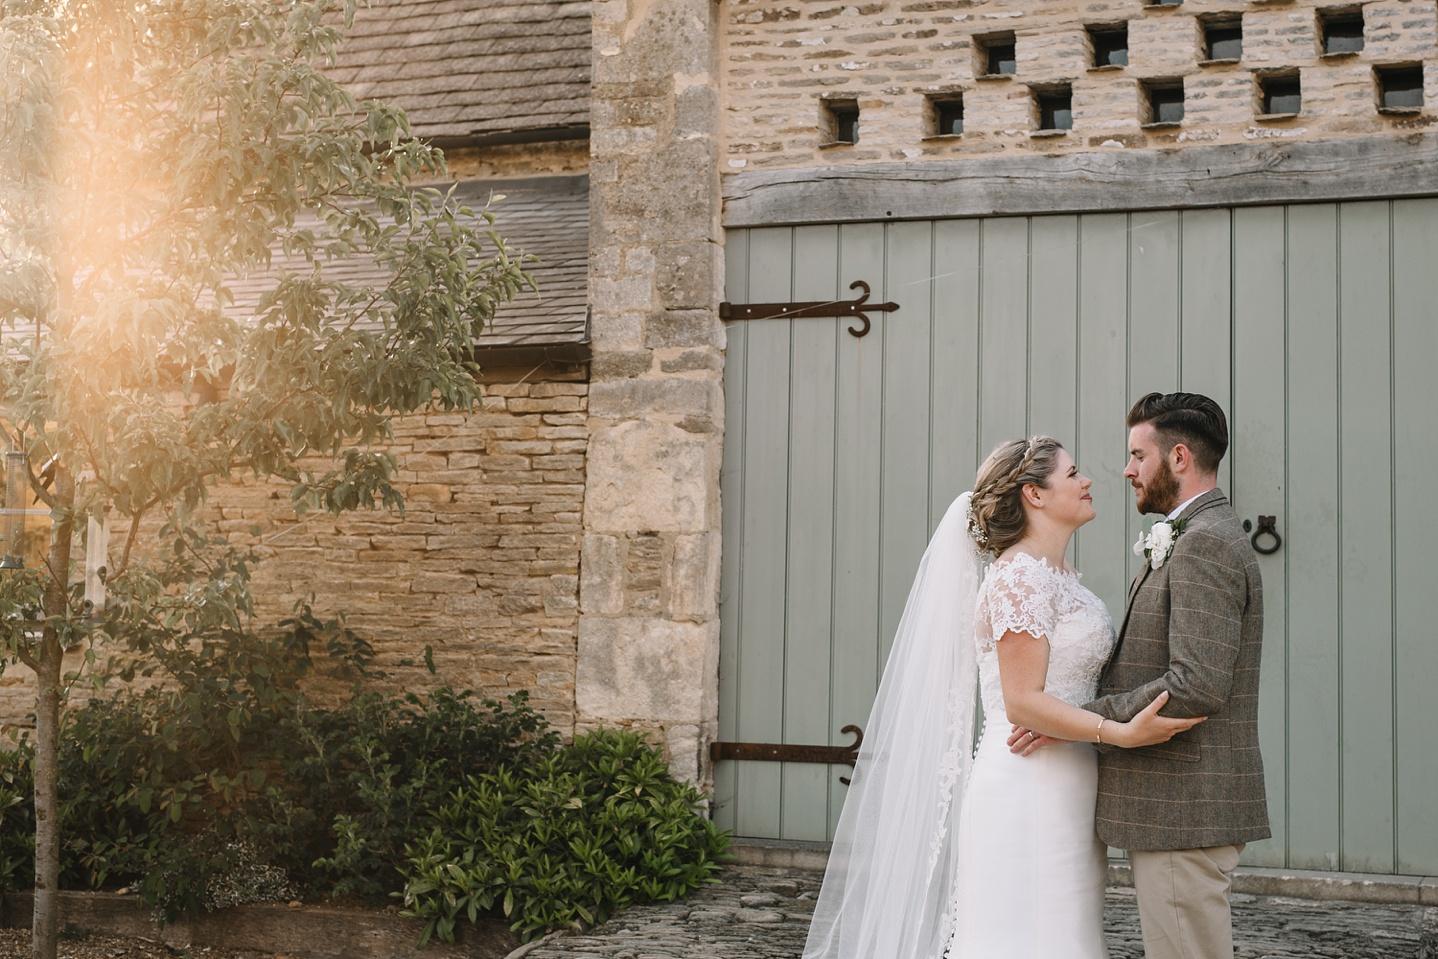 Oxleaze-Barn-Wedding-Photographer_0137.jpg